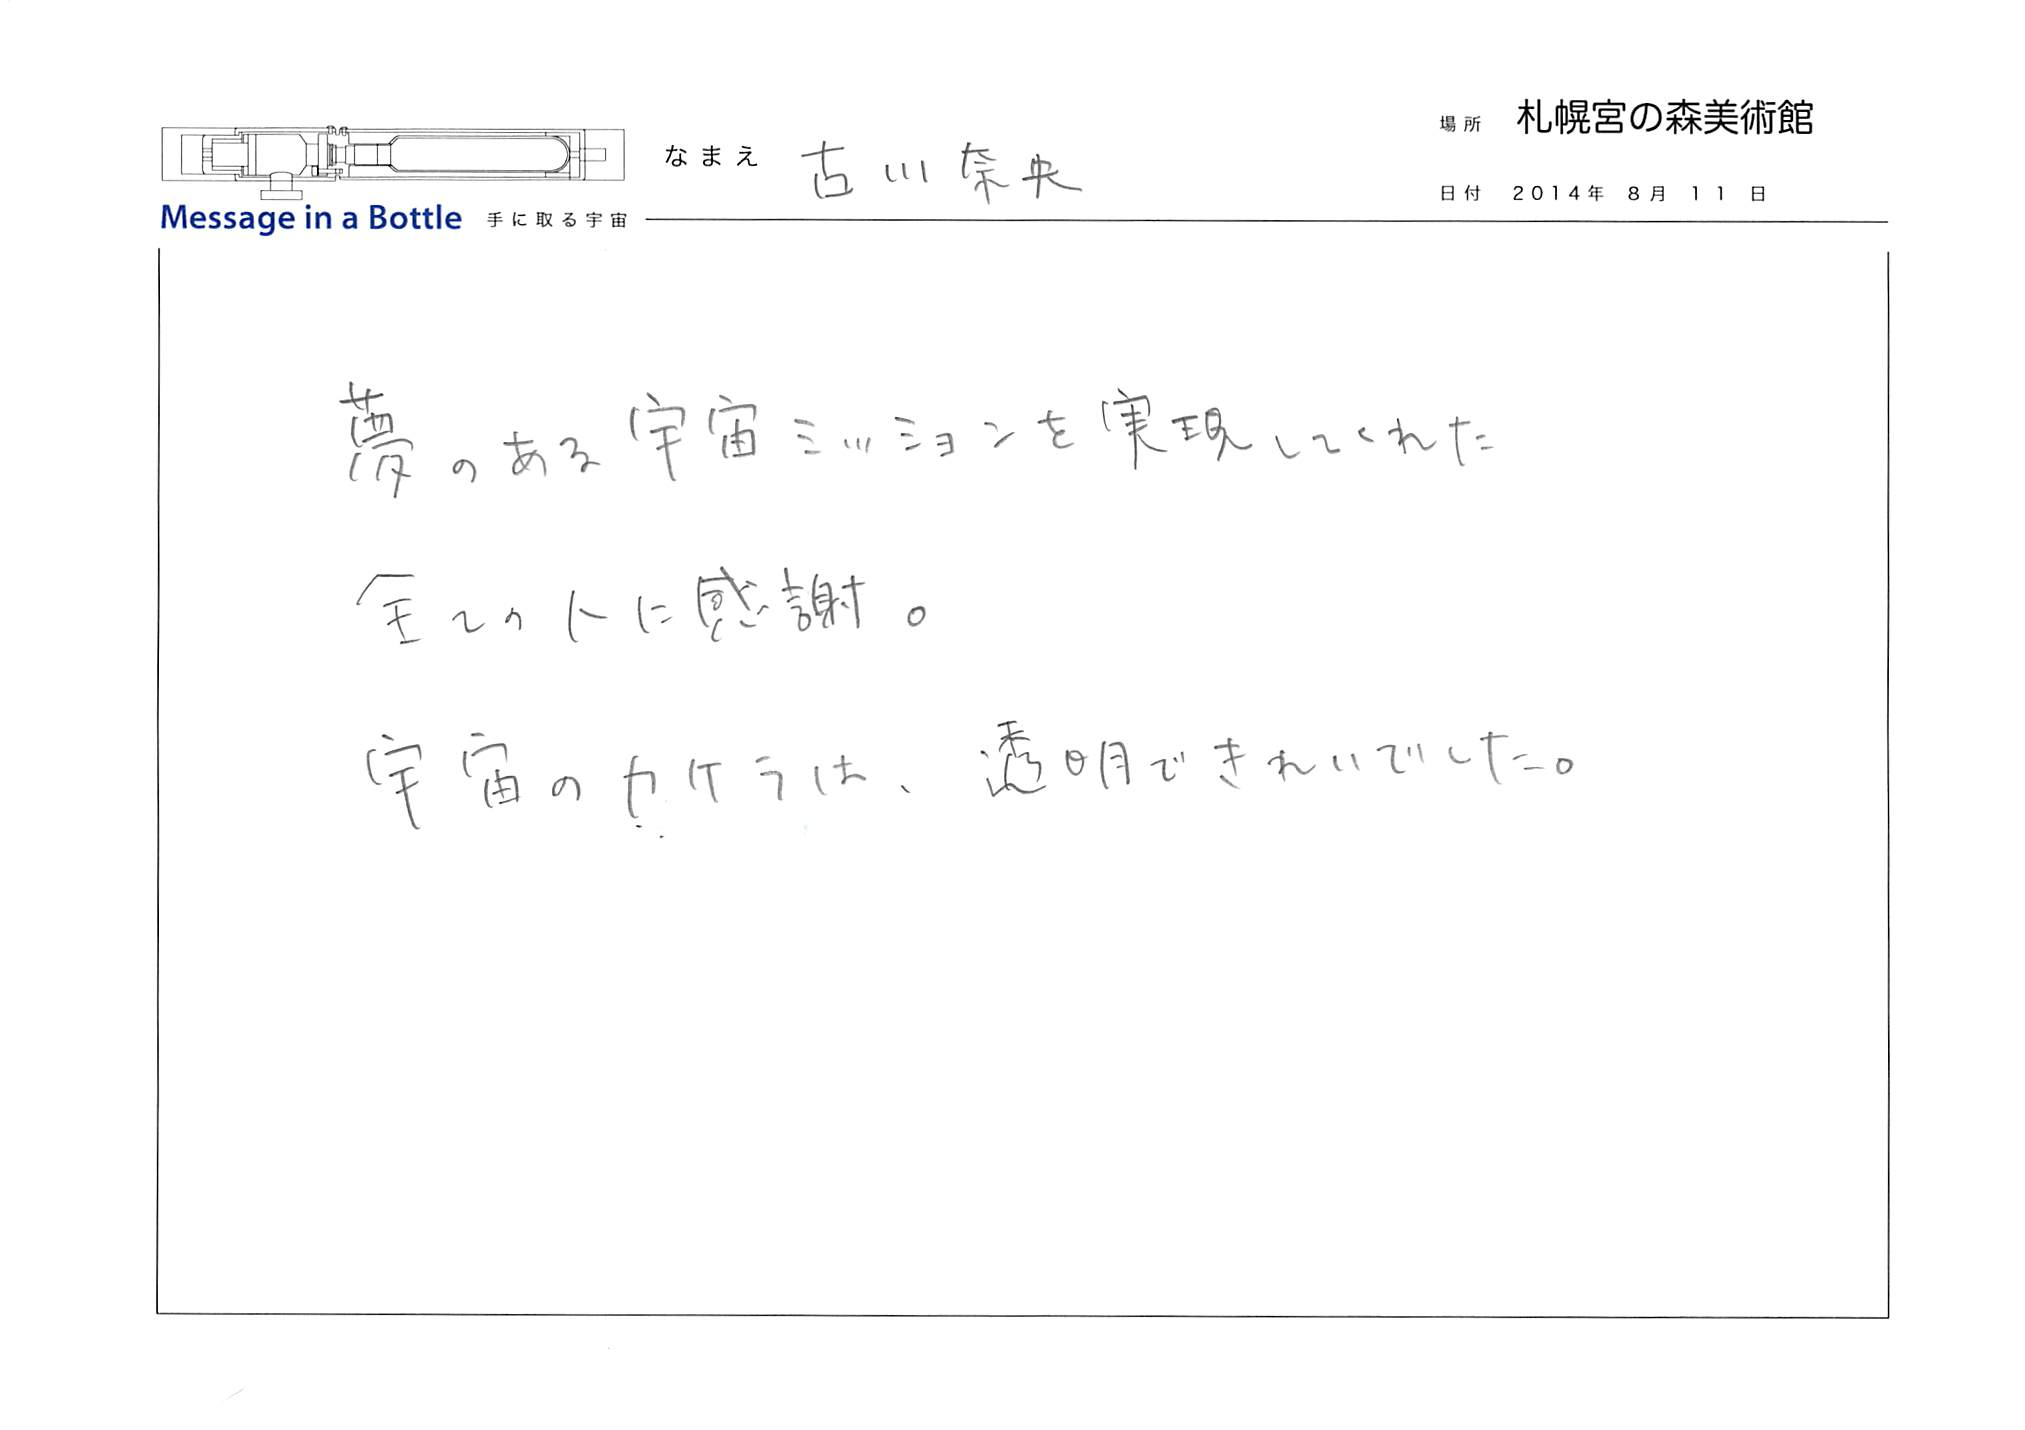 2014-08-11-22-04-05.jpg